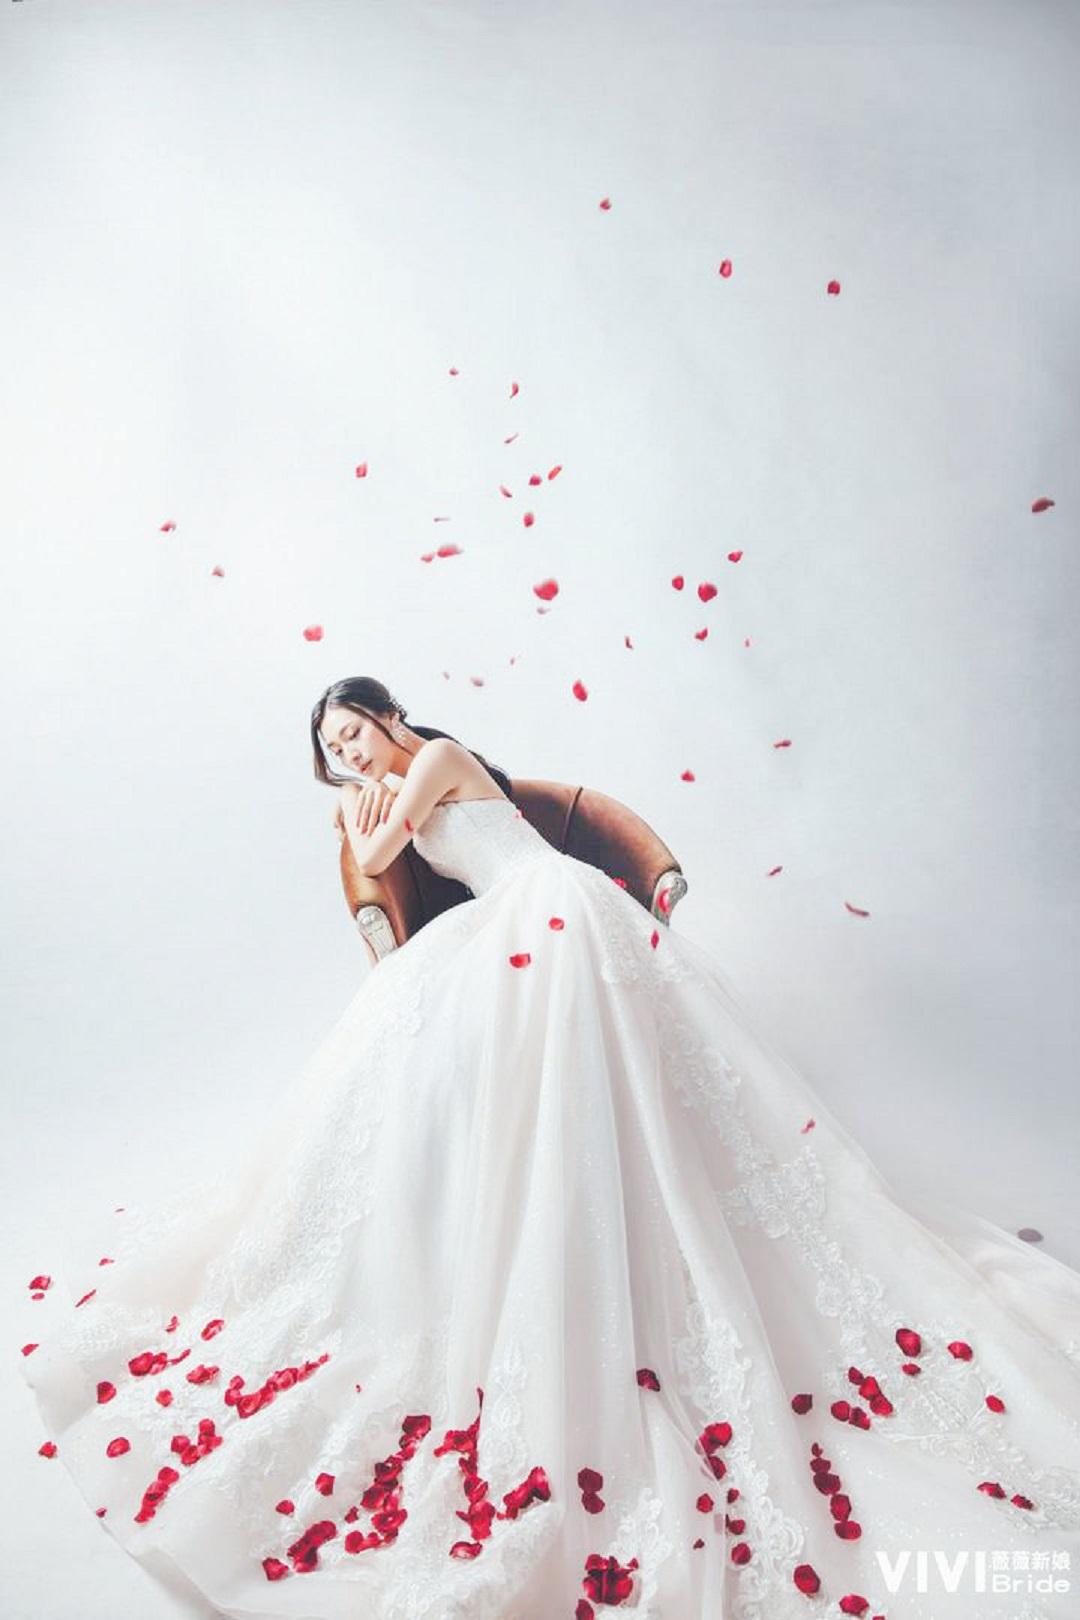 薇薇新娘婚紗攝影 婚紗禮服 4